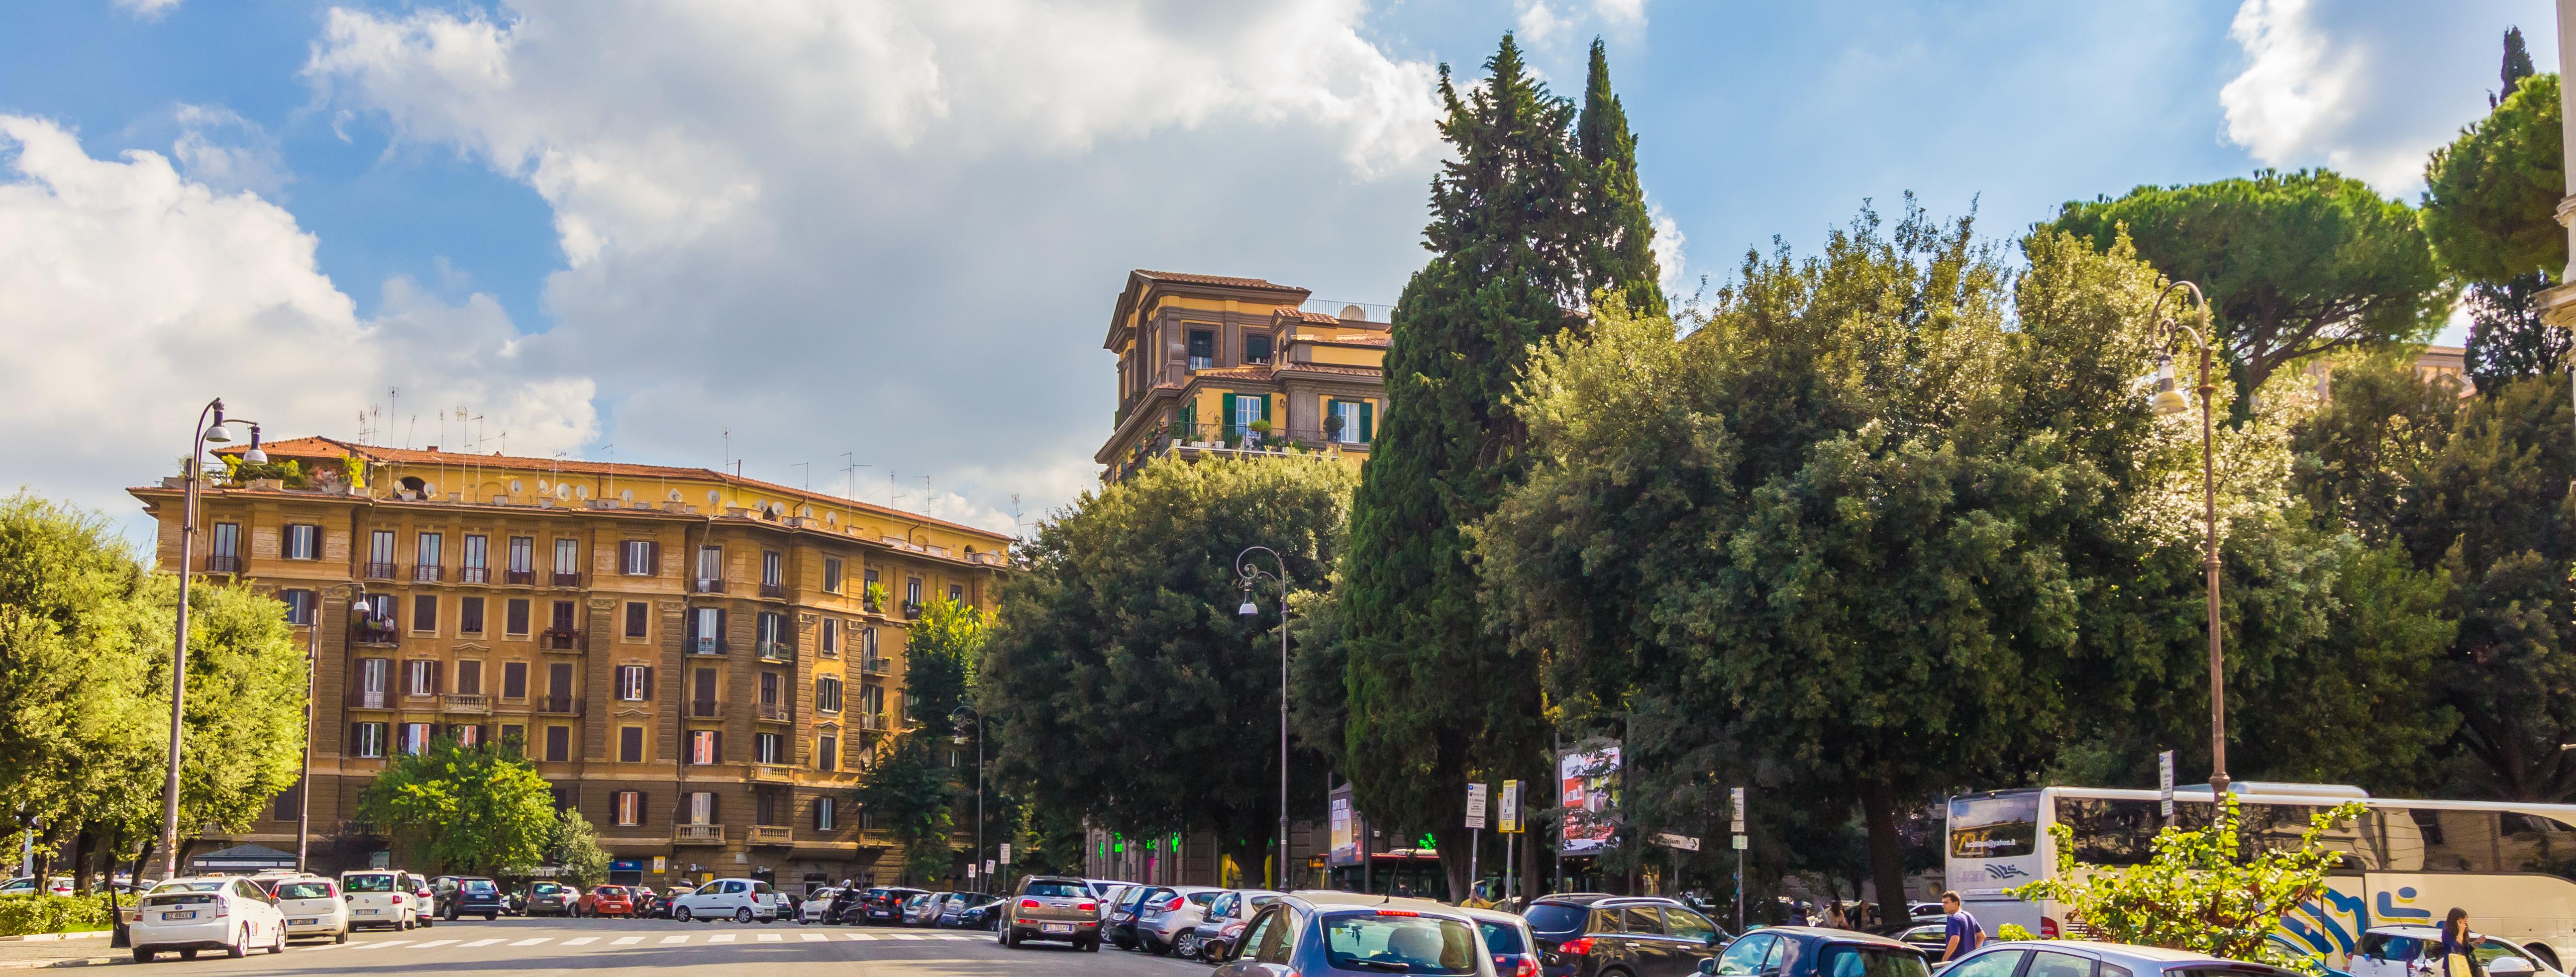 Roma   Rotatoria Piazza Mazzini Prati Roma